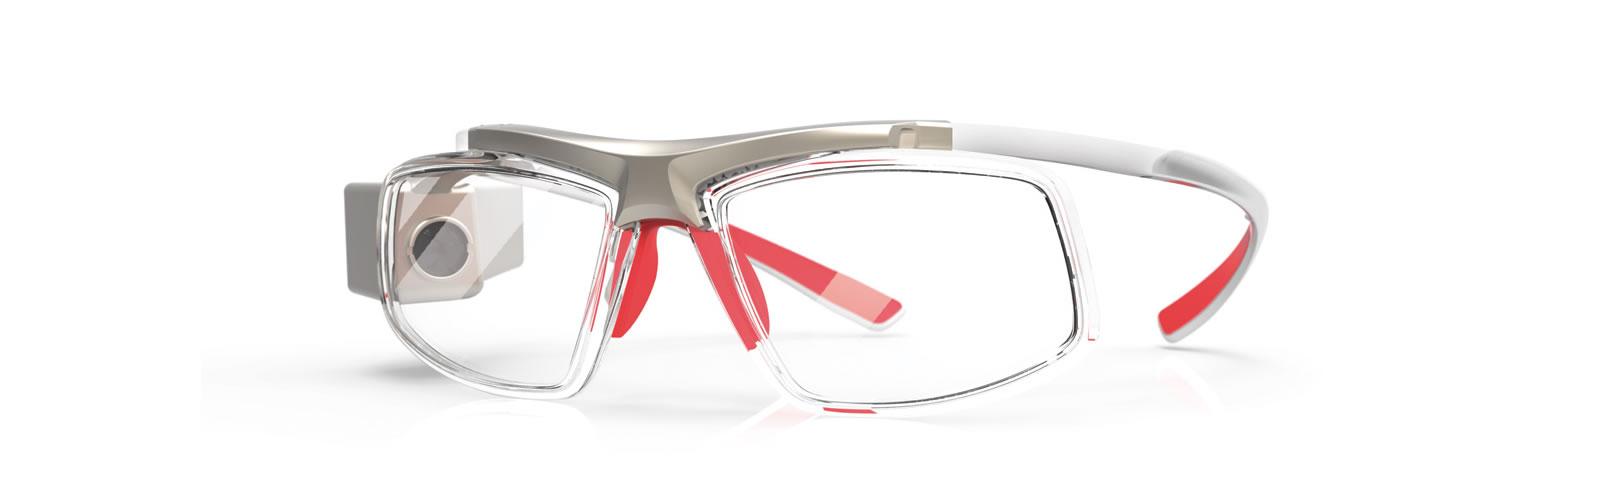 Al CES 2014 presentato il primo prototipo dei GlassUp, la risposta italiana ai GoogleGlass